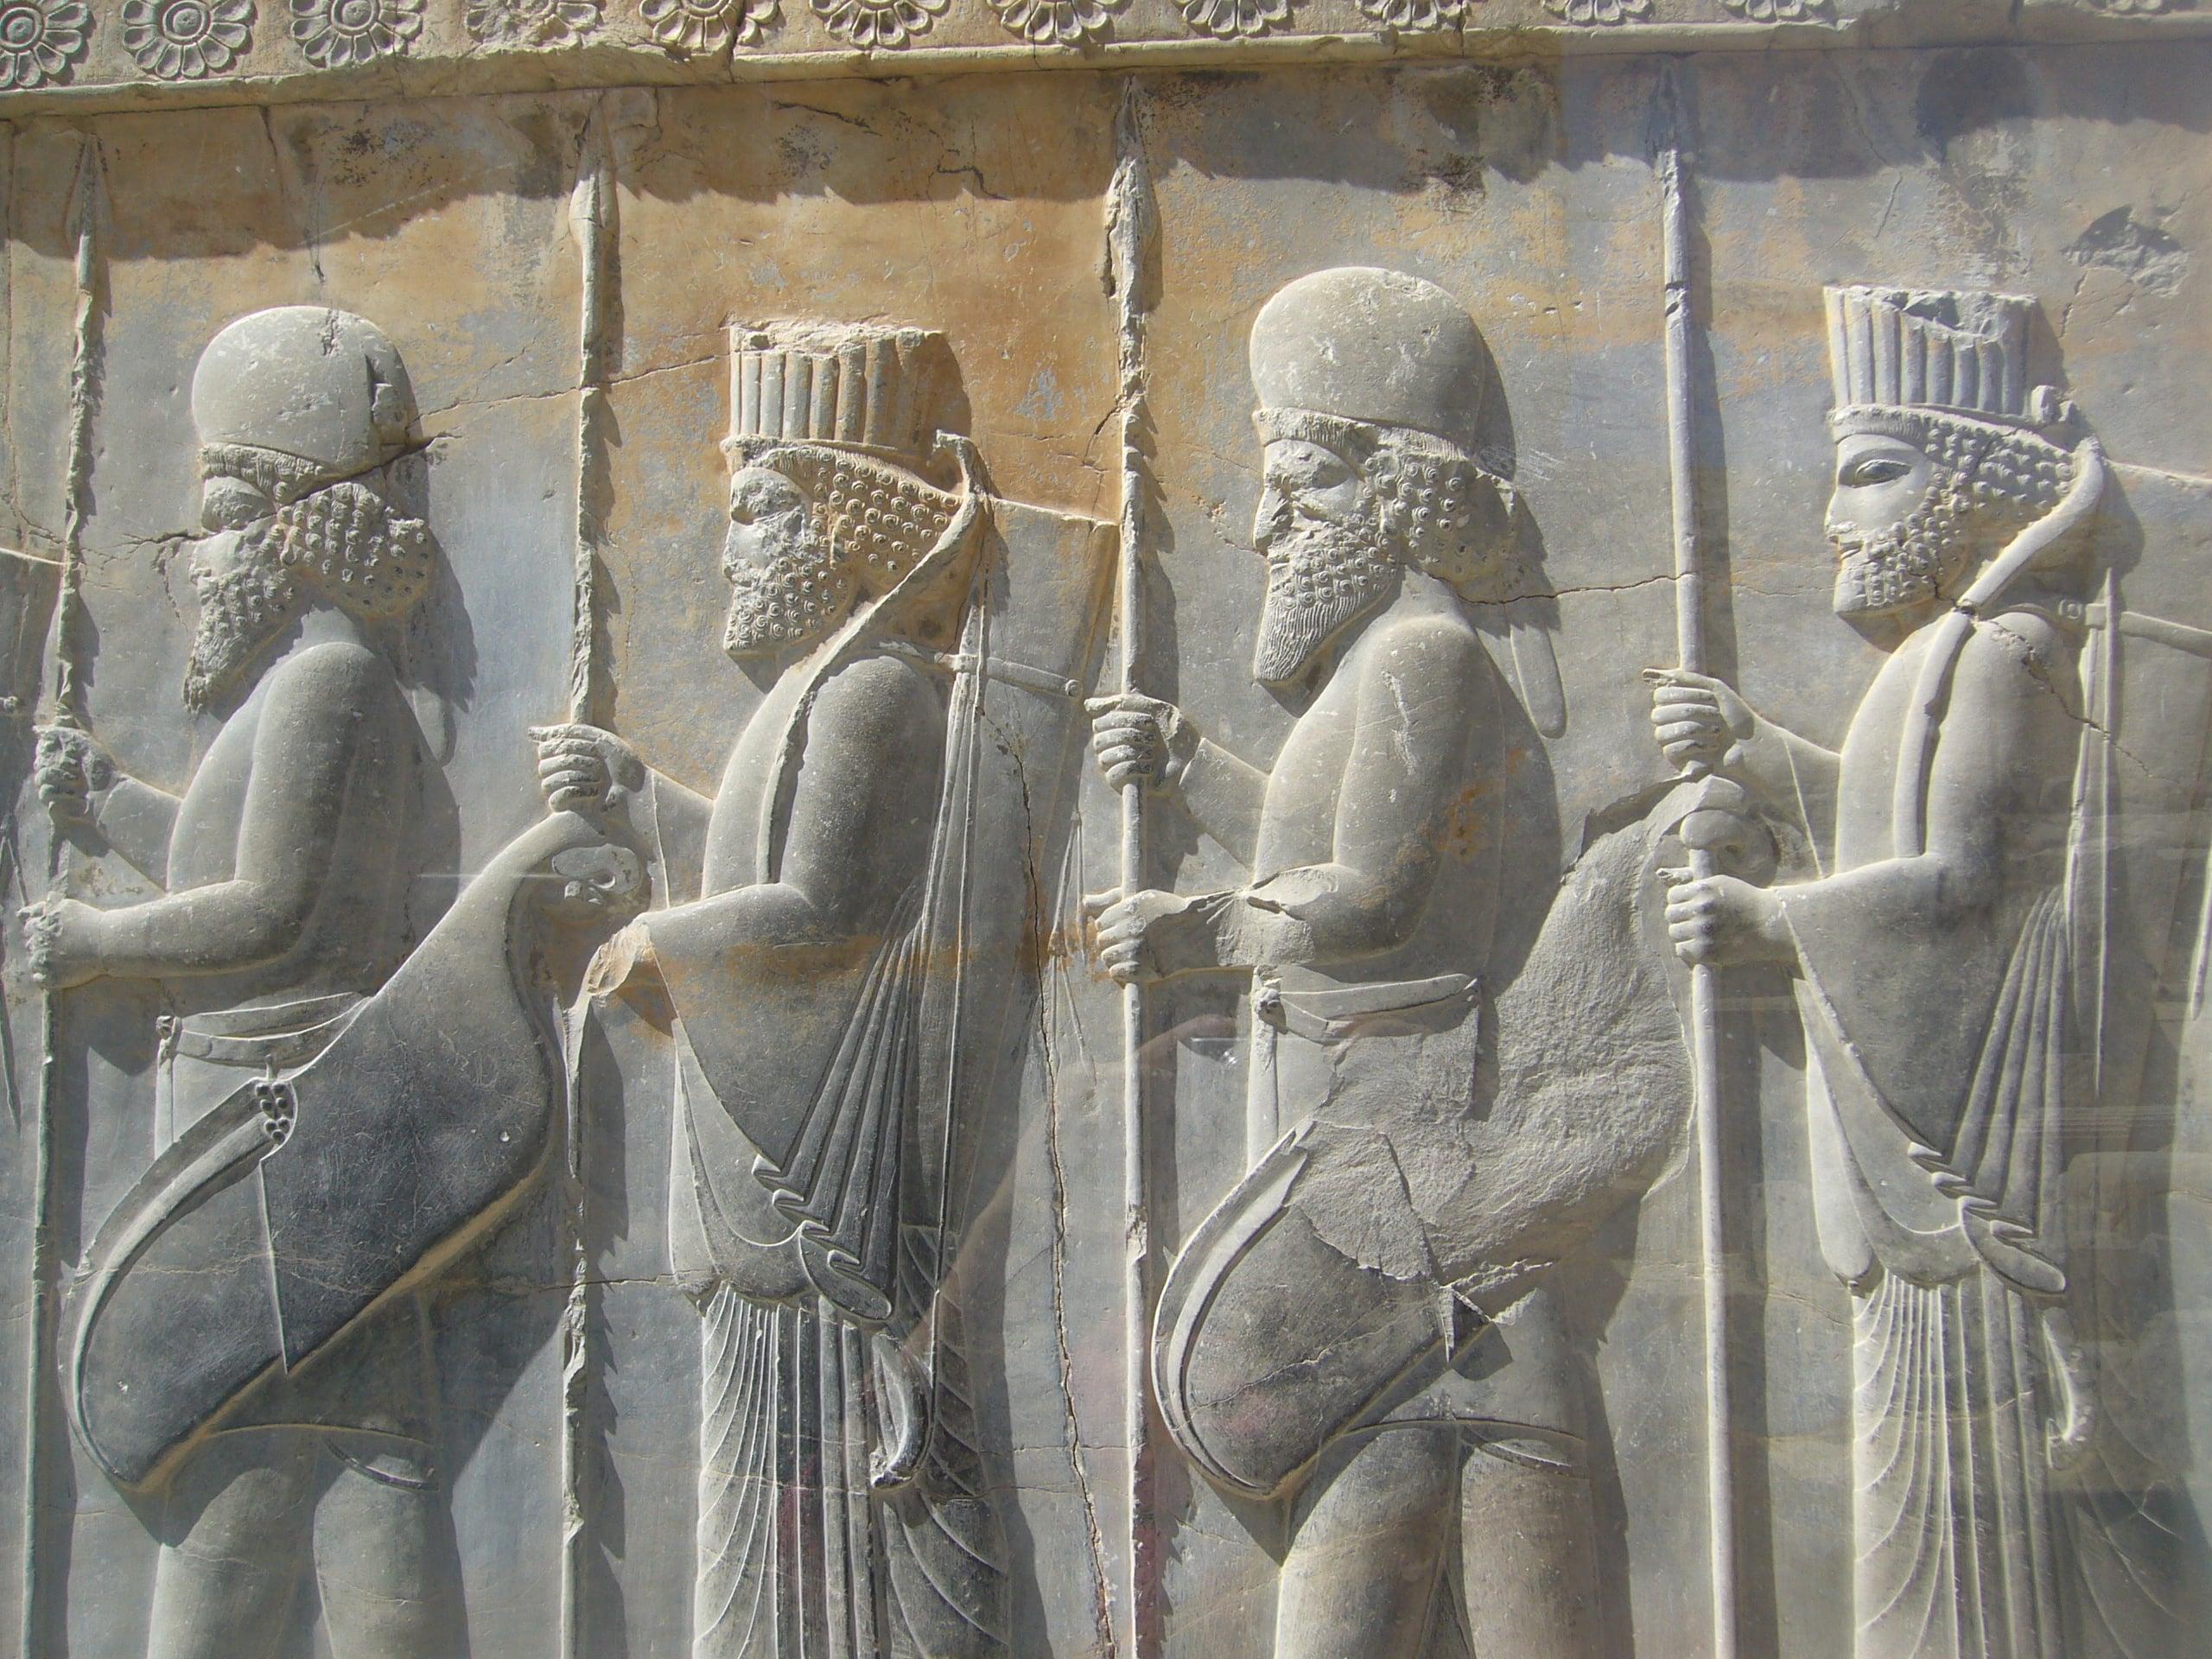 Persepolis: Achaemenid Soldiers